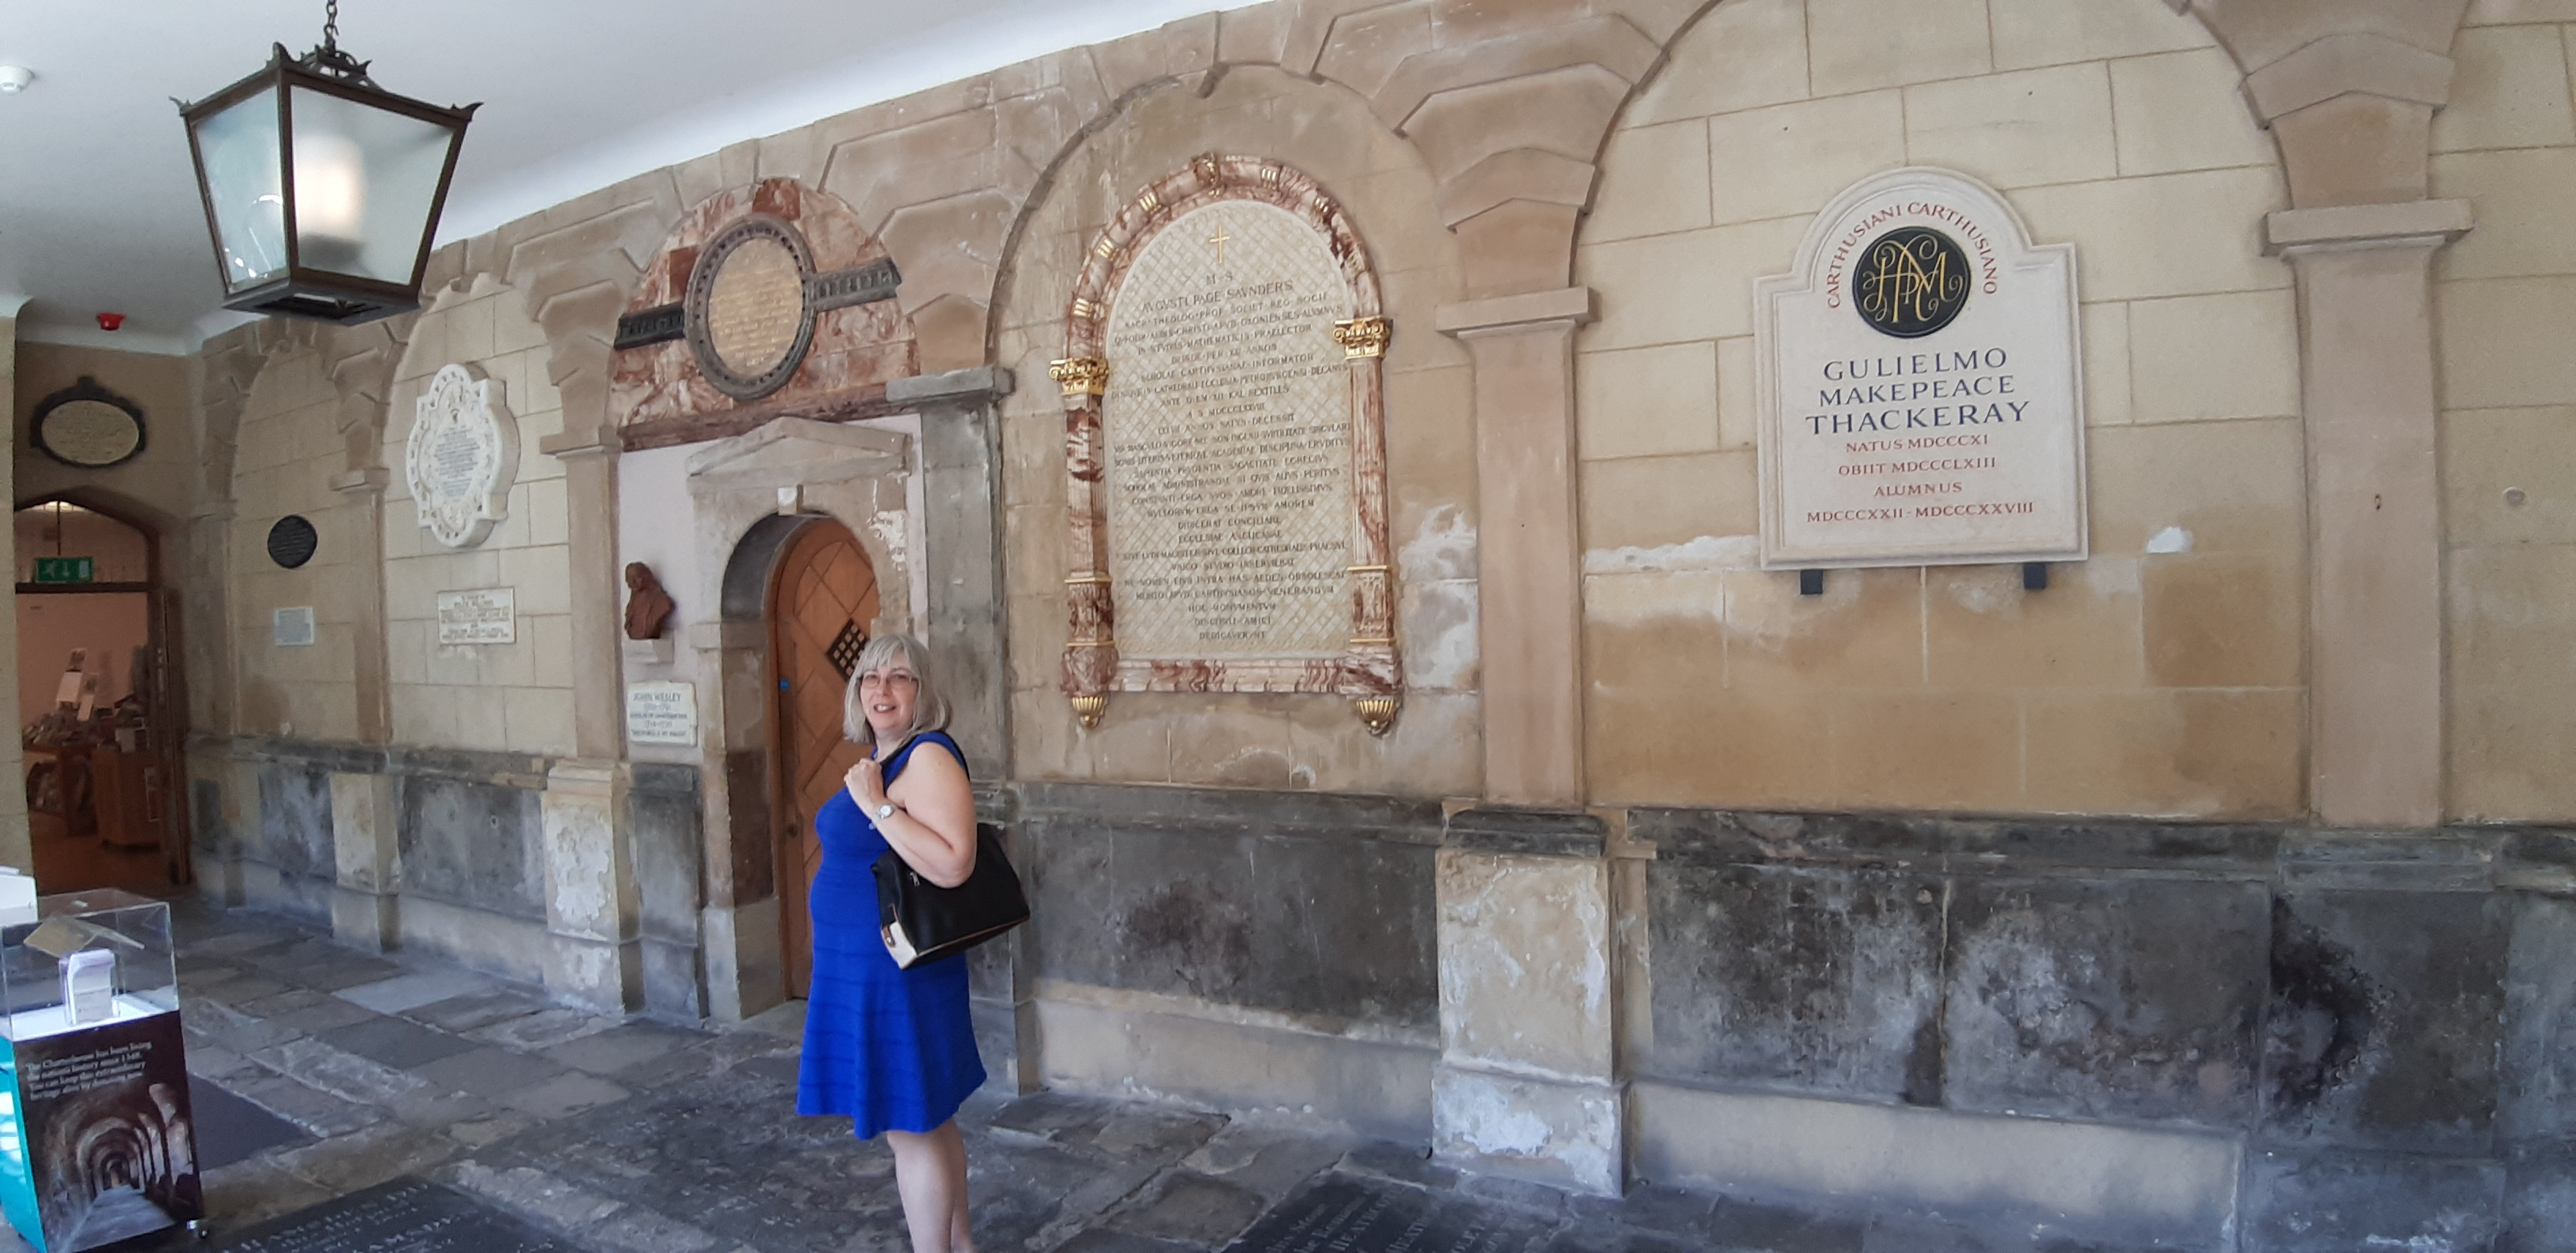 The Charterhouse - links to Thackeray